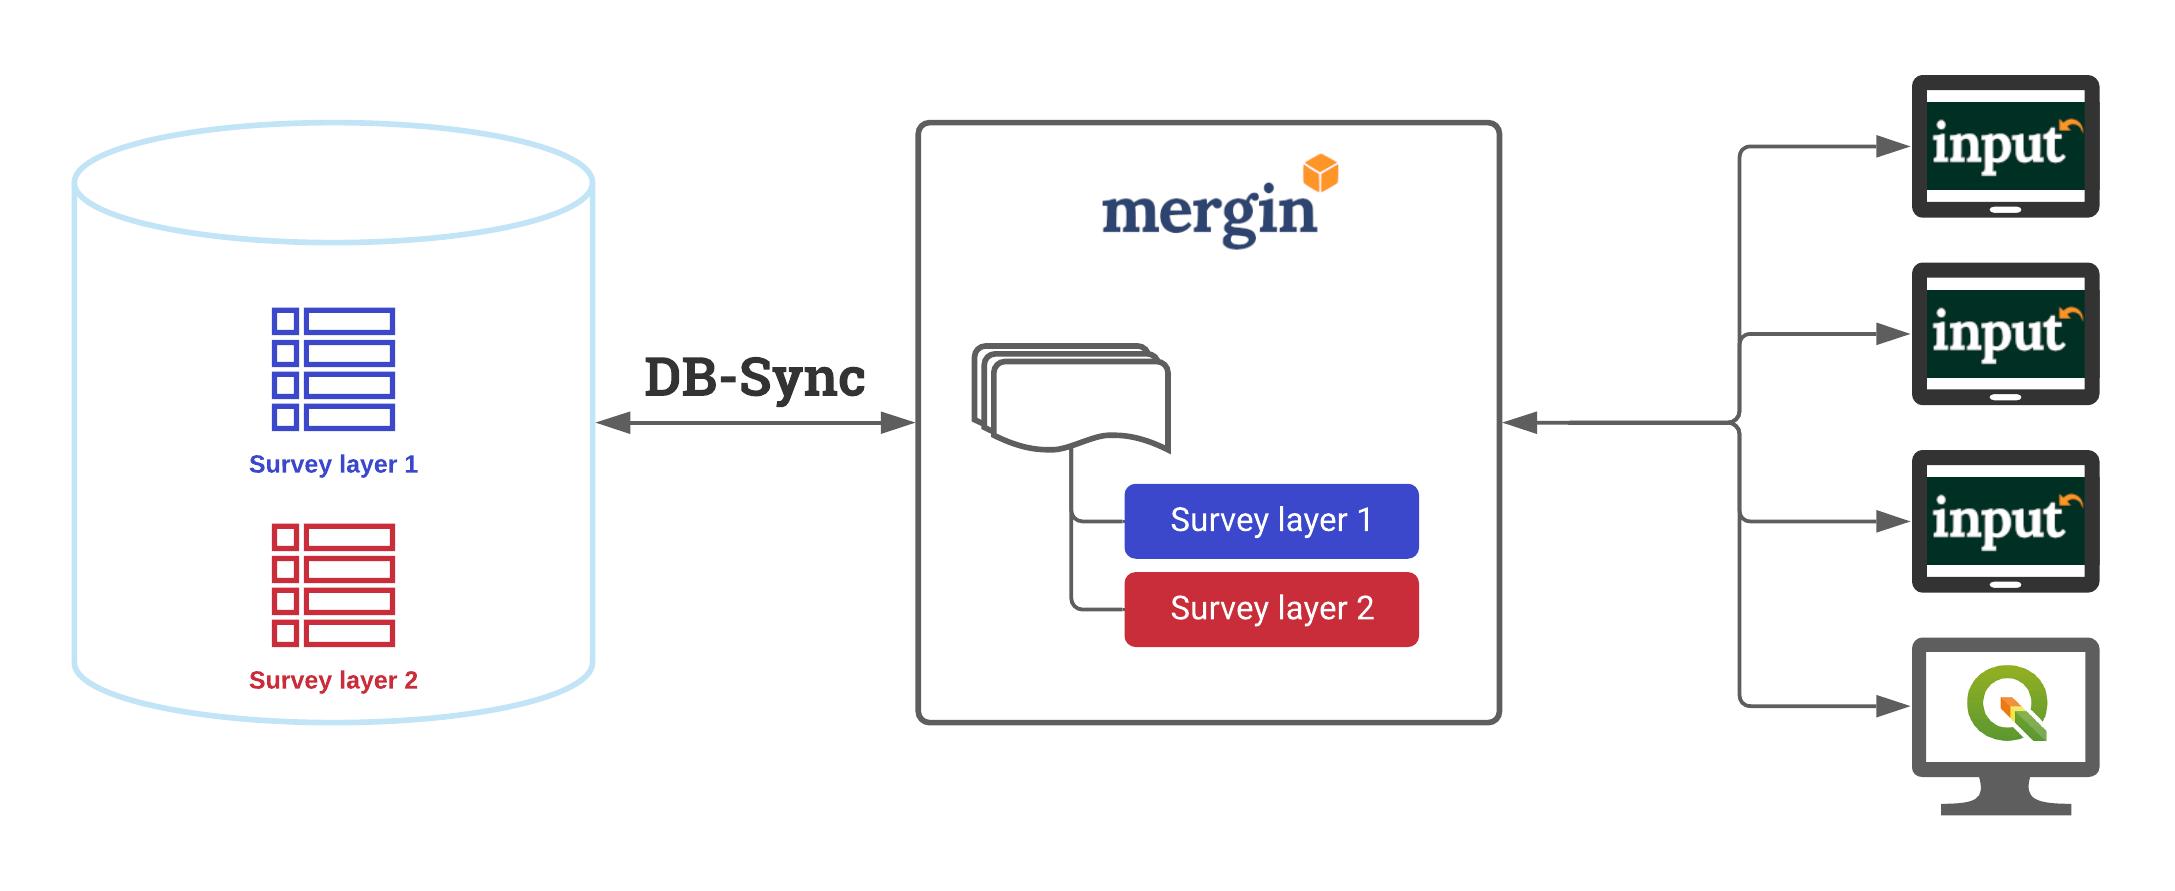 DB-Sync schema